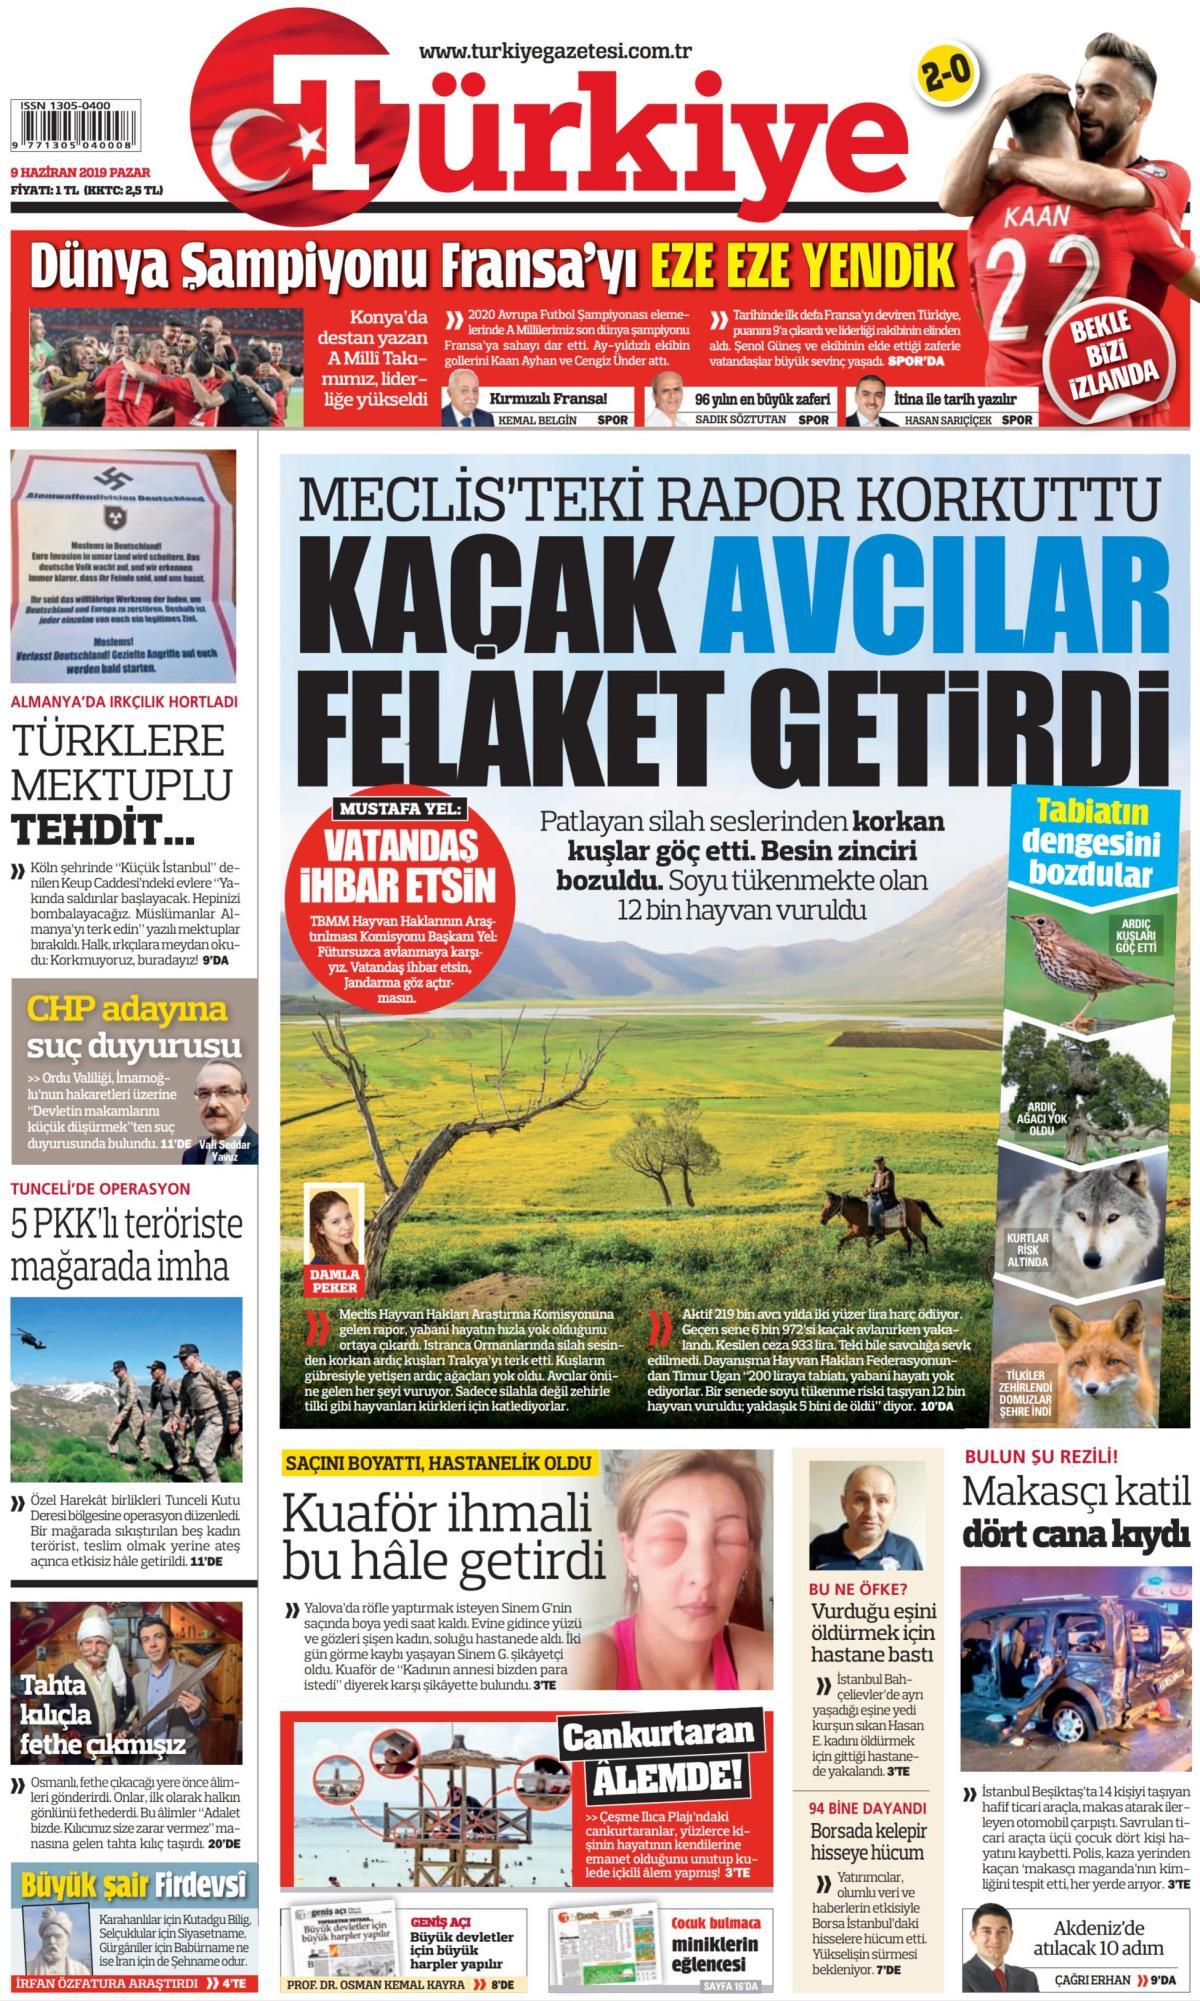 9 Haziran 2019 Pazar Tarihli Turkiye Gazetesi Manseti Memurlar Net